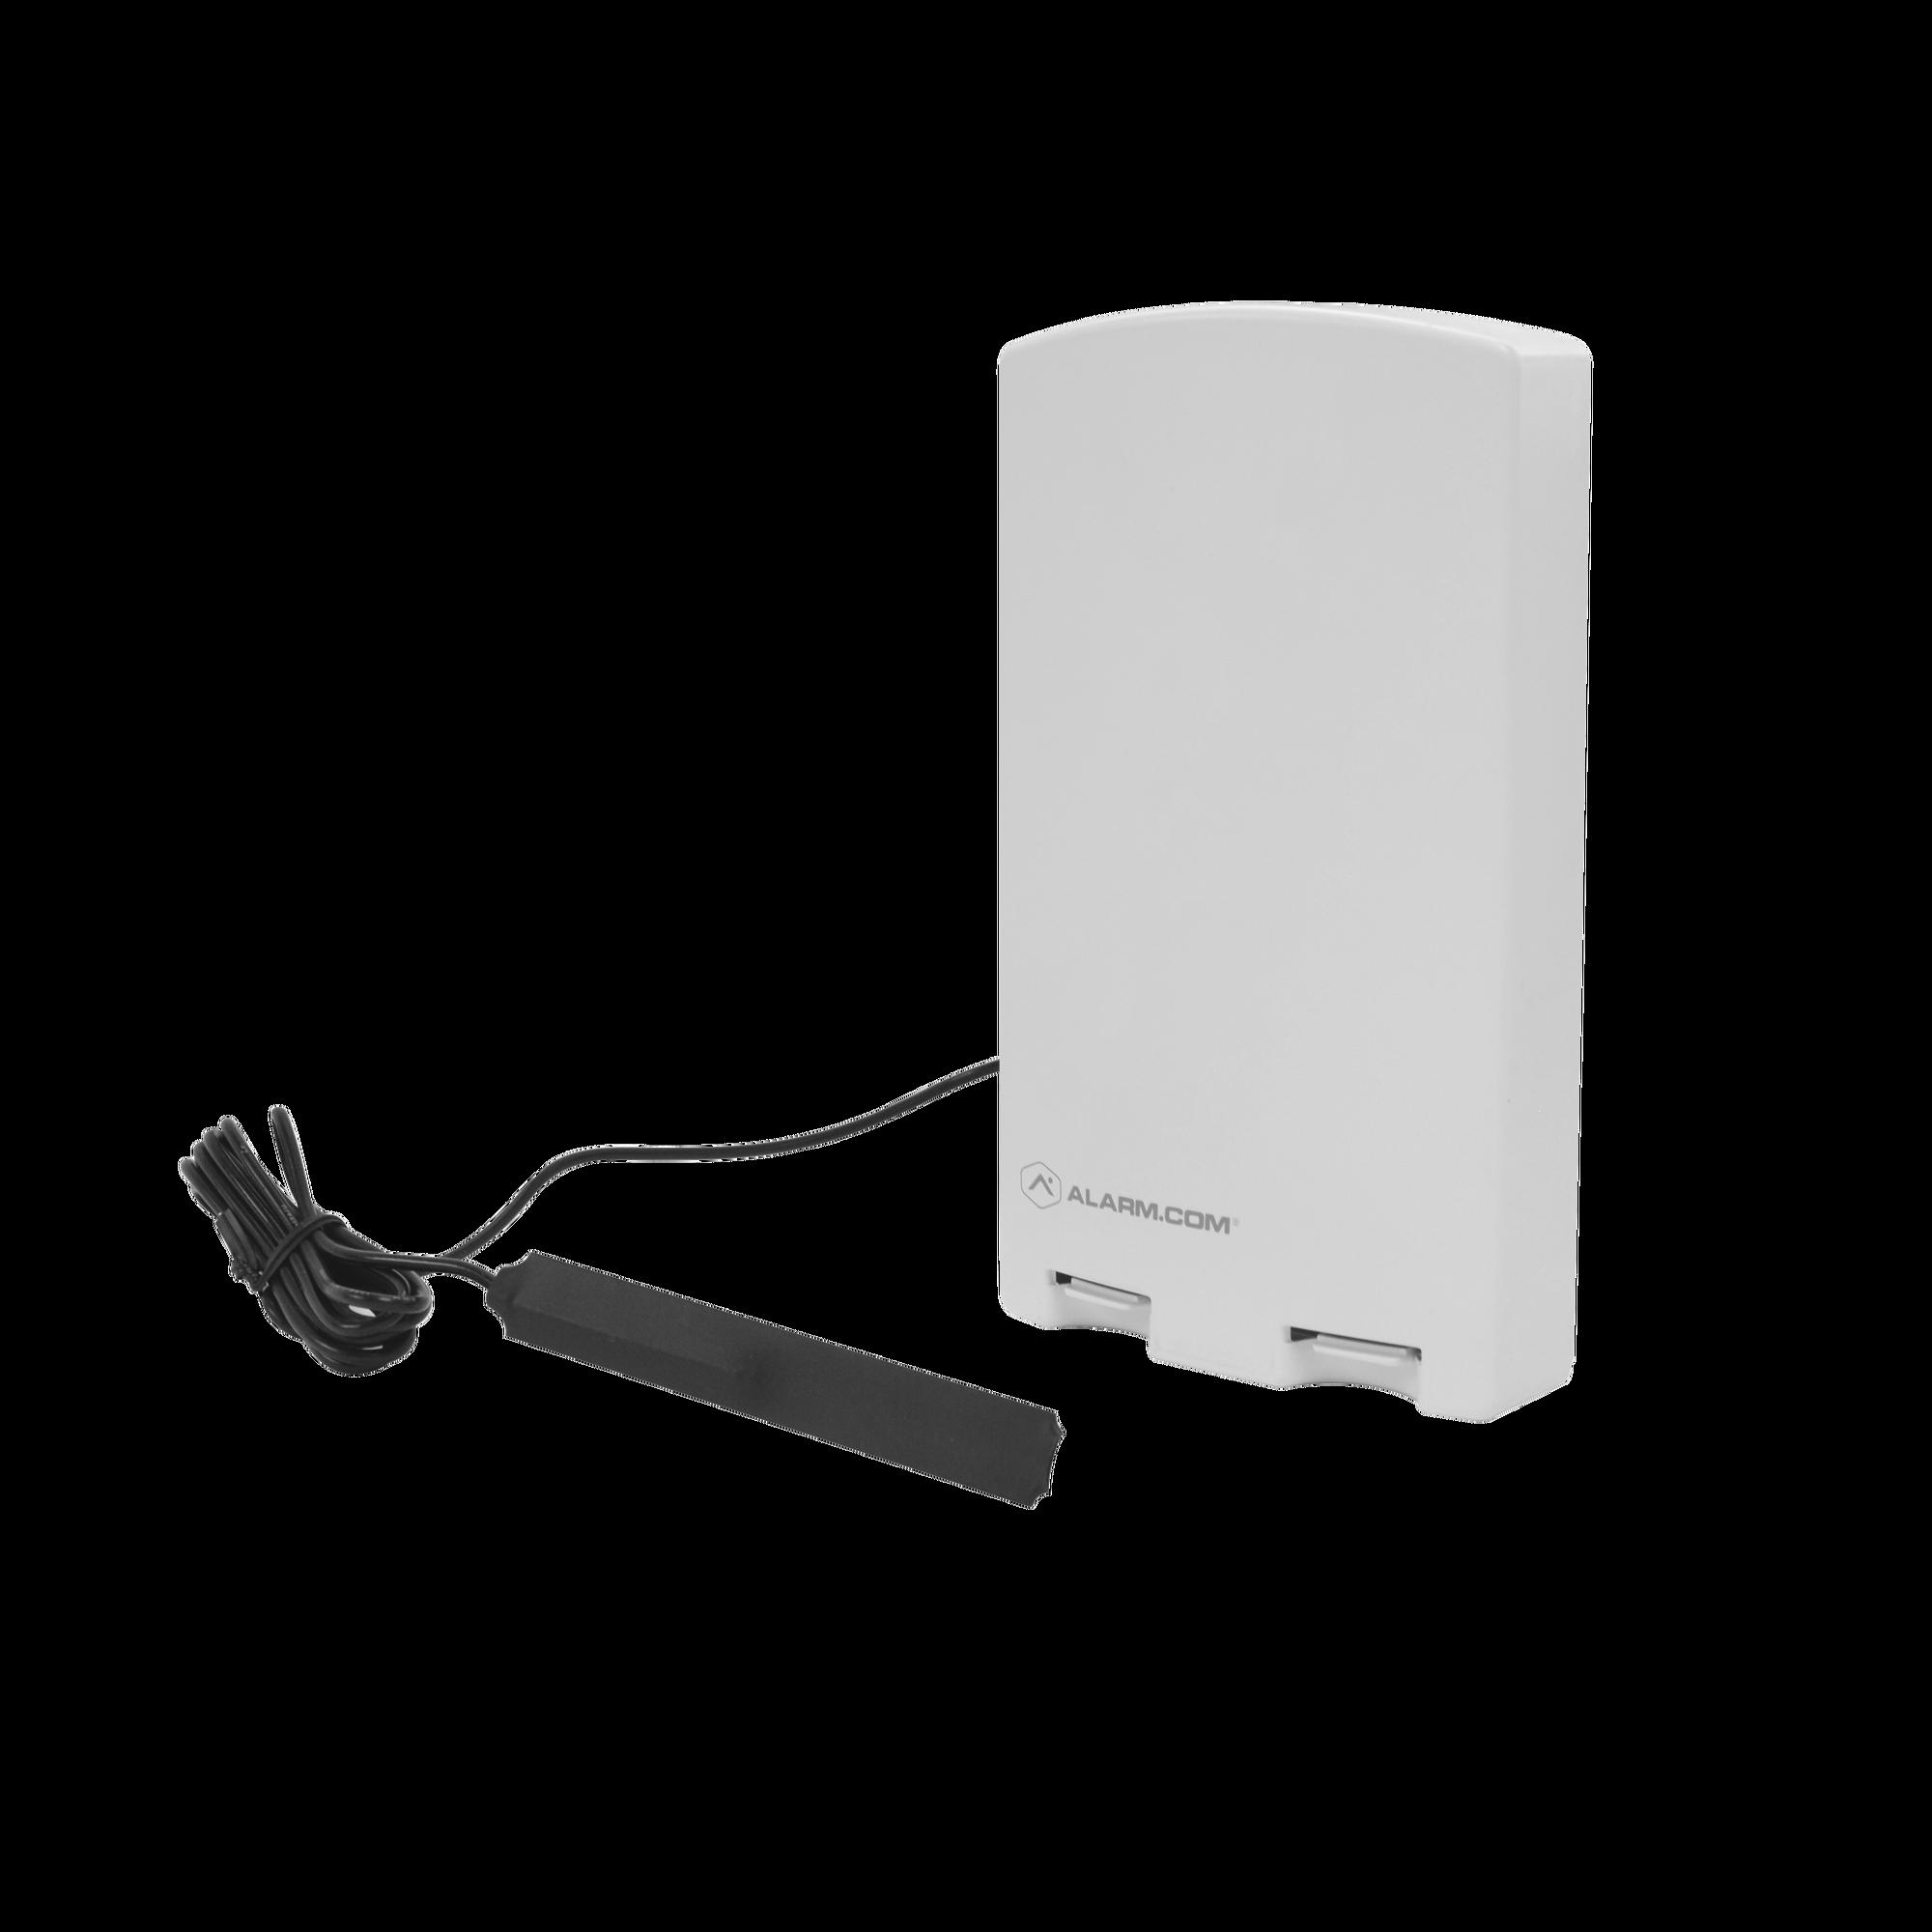 Comunicador ALARM.COM GSM para Paneles VISTA20P / ZWAVE / LUTRON / YALE